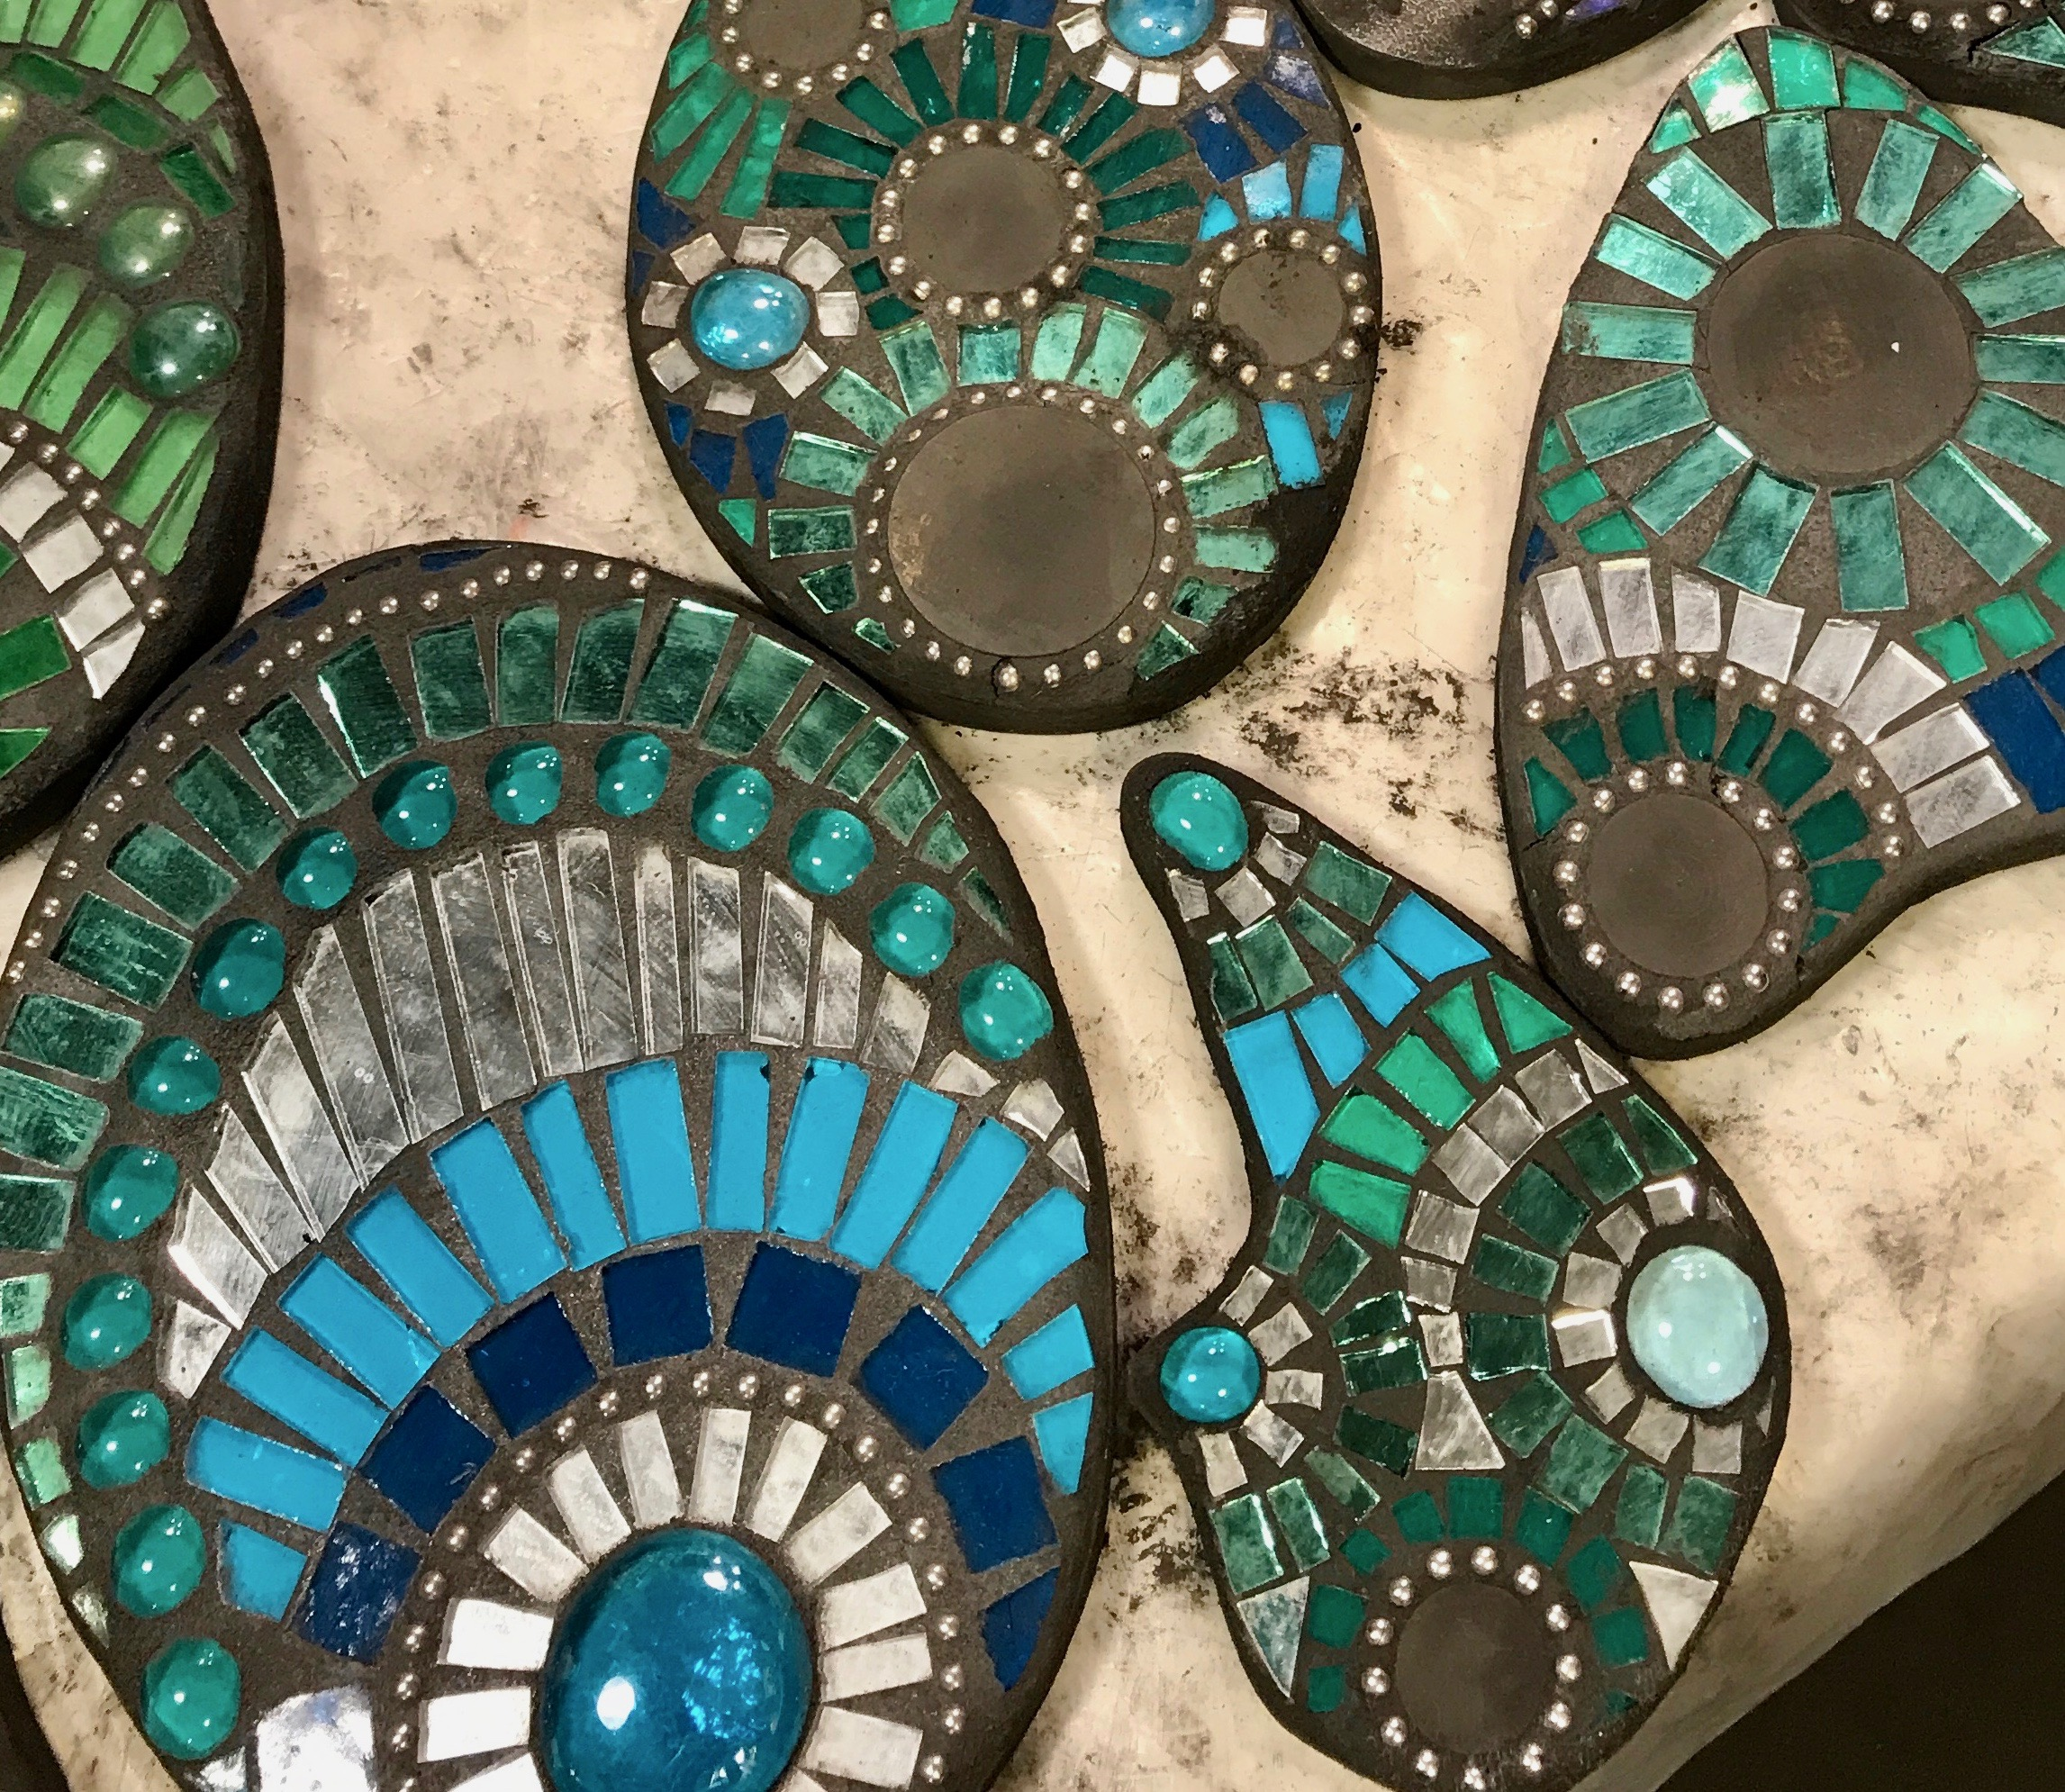 Mosaic riverstones by Marcia Joffe-Bouska.